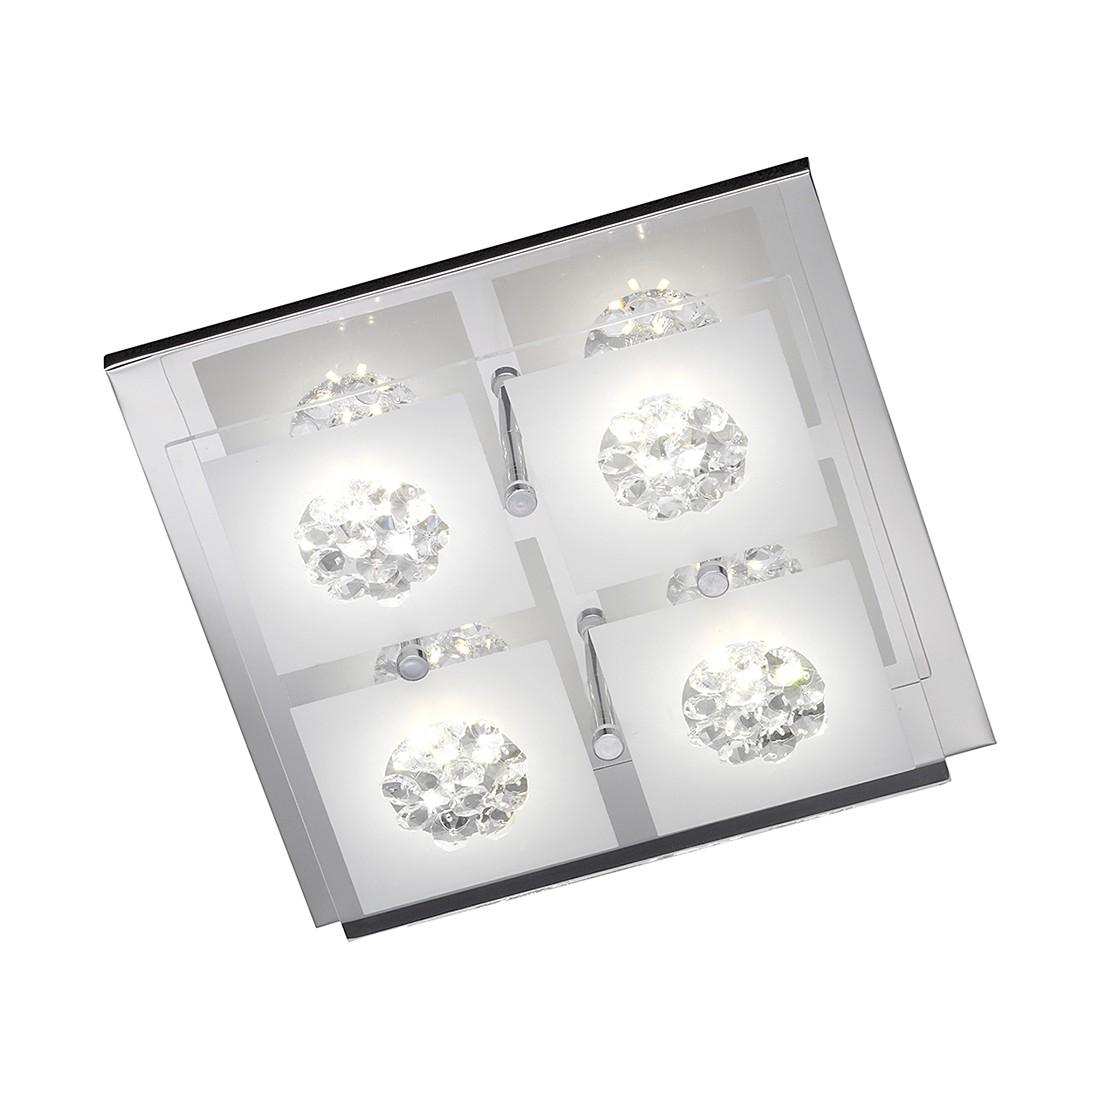 Deckenleuchte REIMS ● Metall/Glas ● 4-flammig- Lux A+